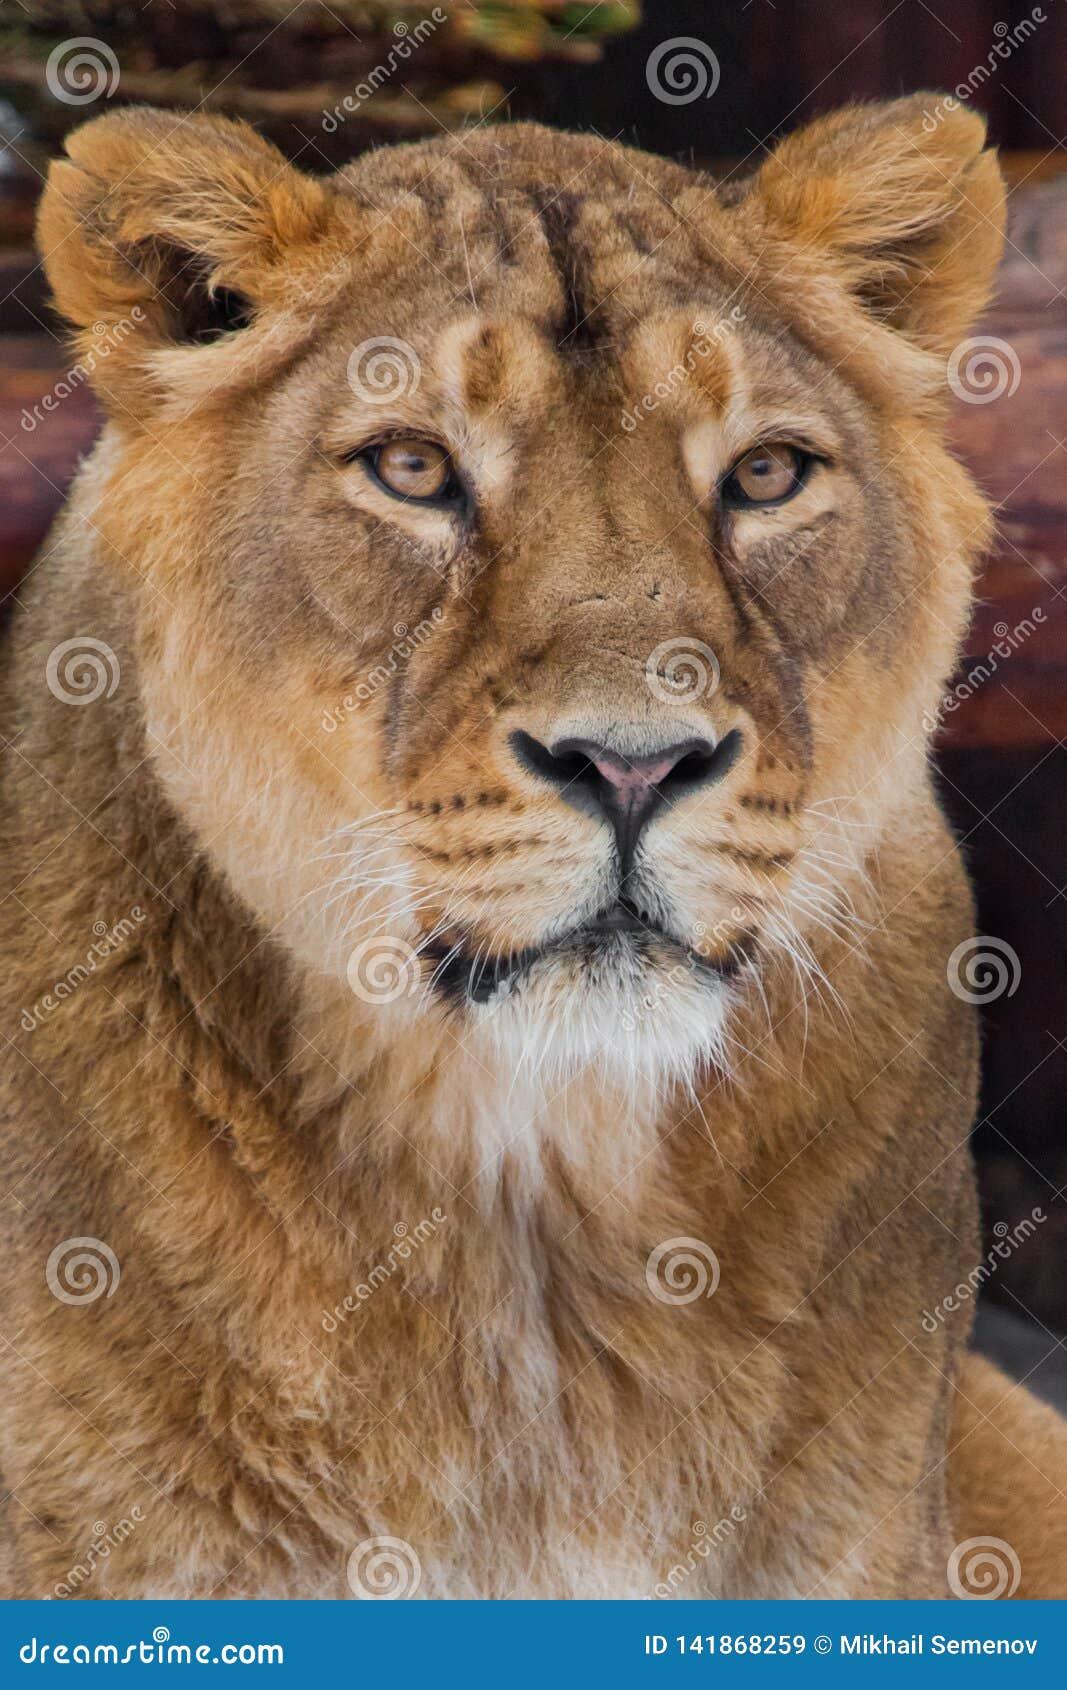 Museau d une fin de lionne, grand chat prédateur dans le cadre entier portrait - très en gros plan